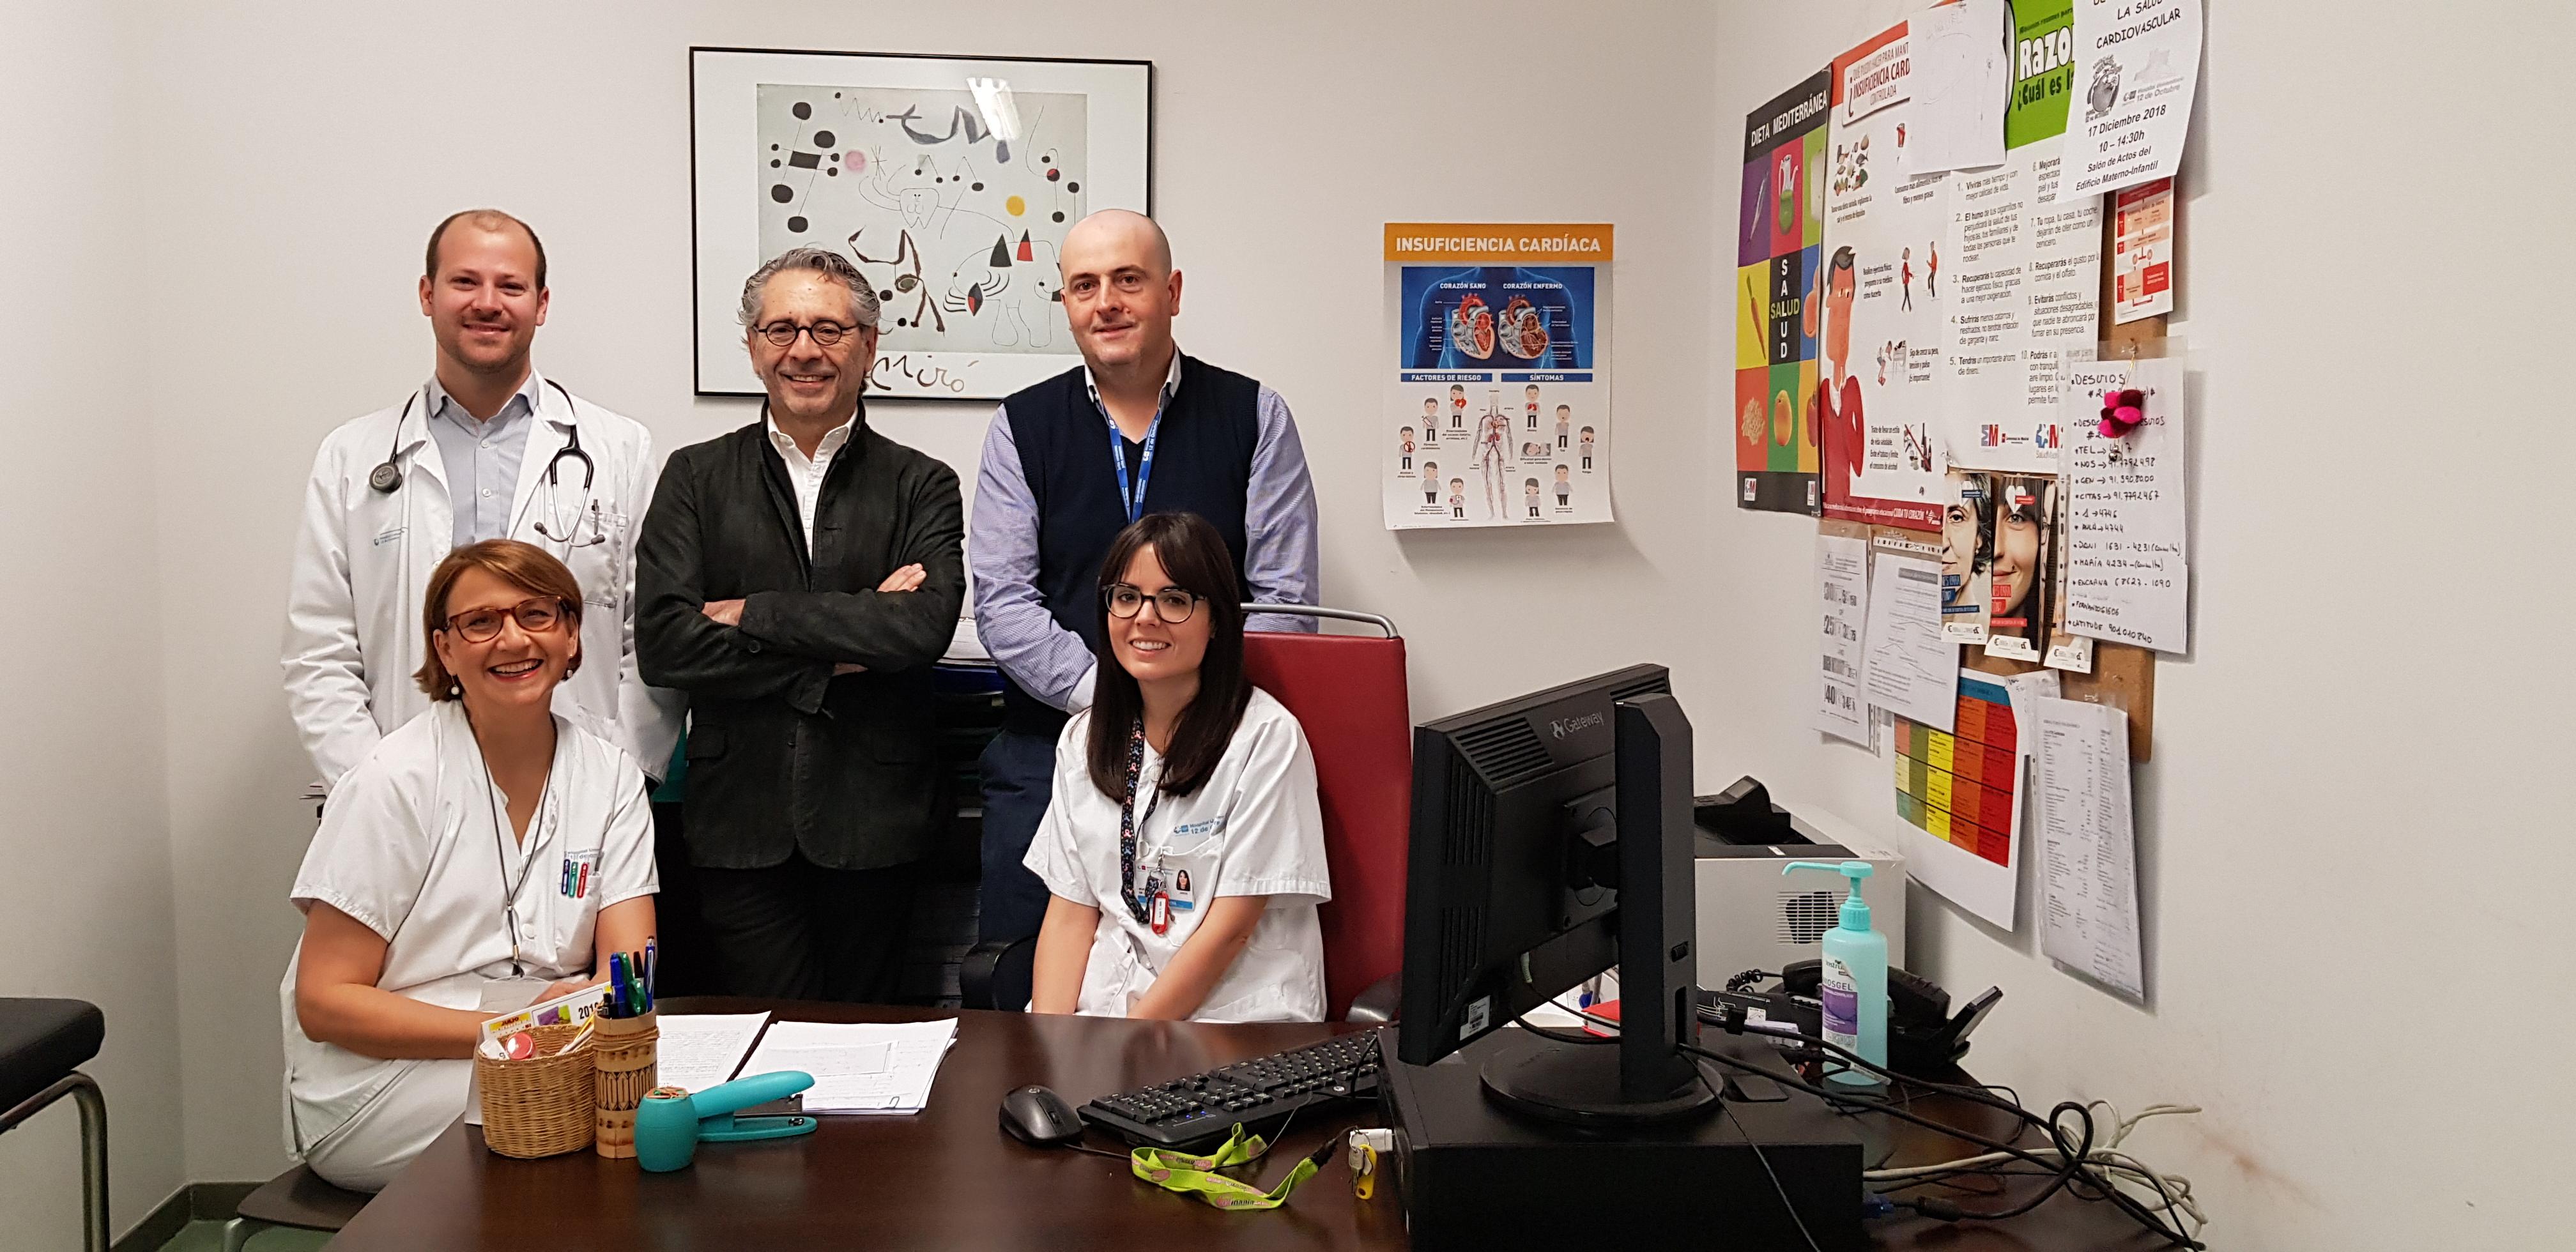 El Hospital 12 de Octubre prueba con éxito una nueva herramienta que predice el deterioro de un paciente con insuficiencia cardíaca un mes antes de ocurrir